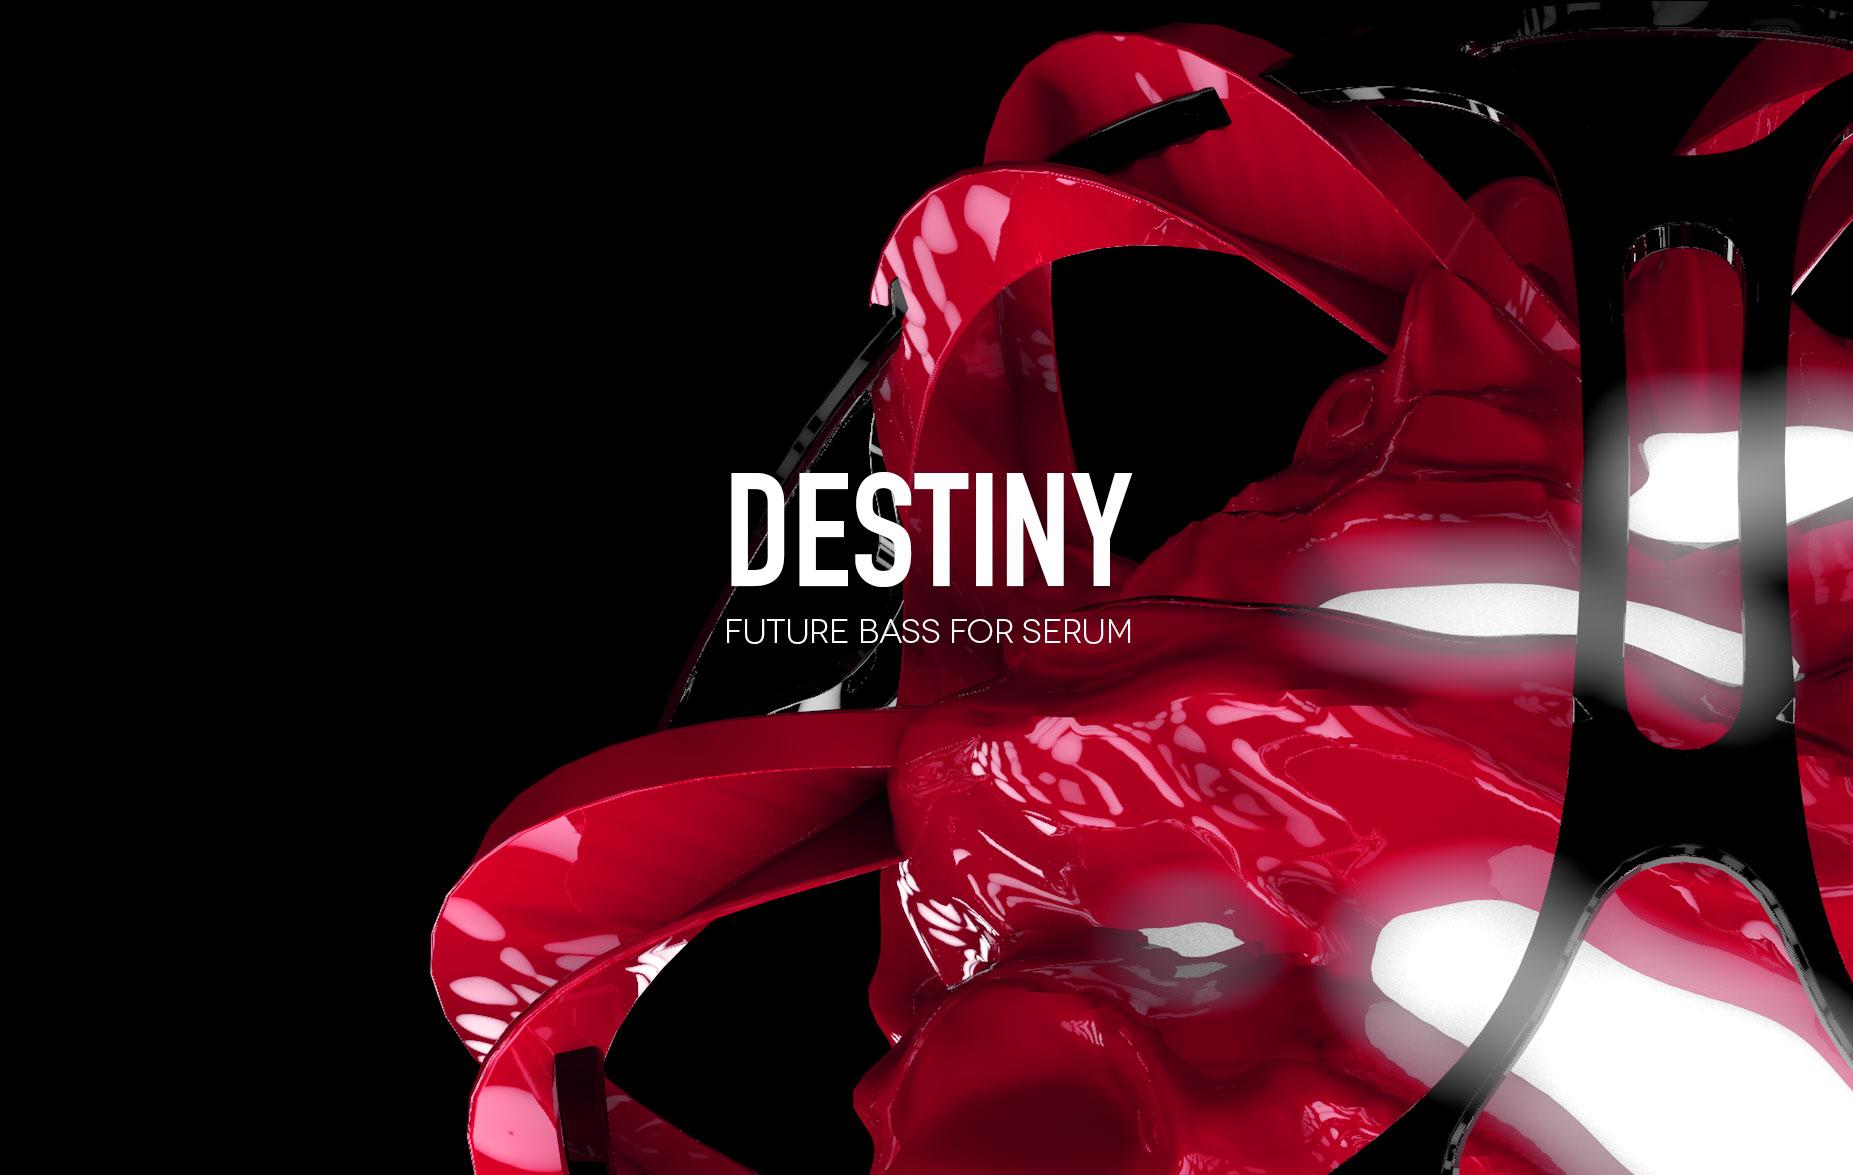 Destiny Future Bass Presets for Serum